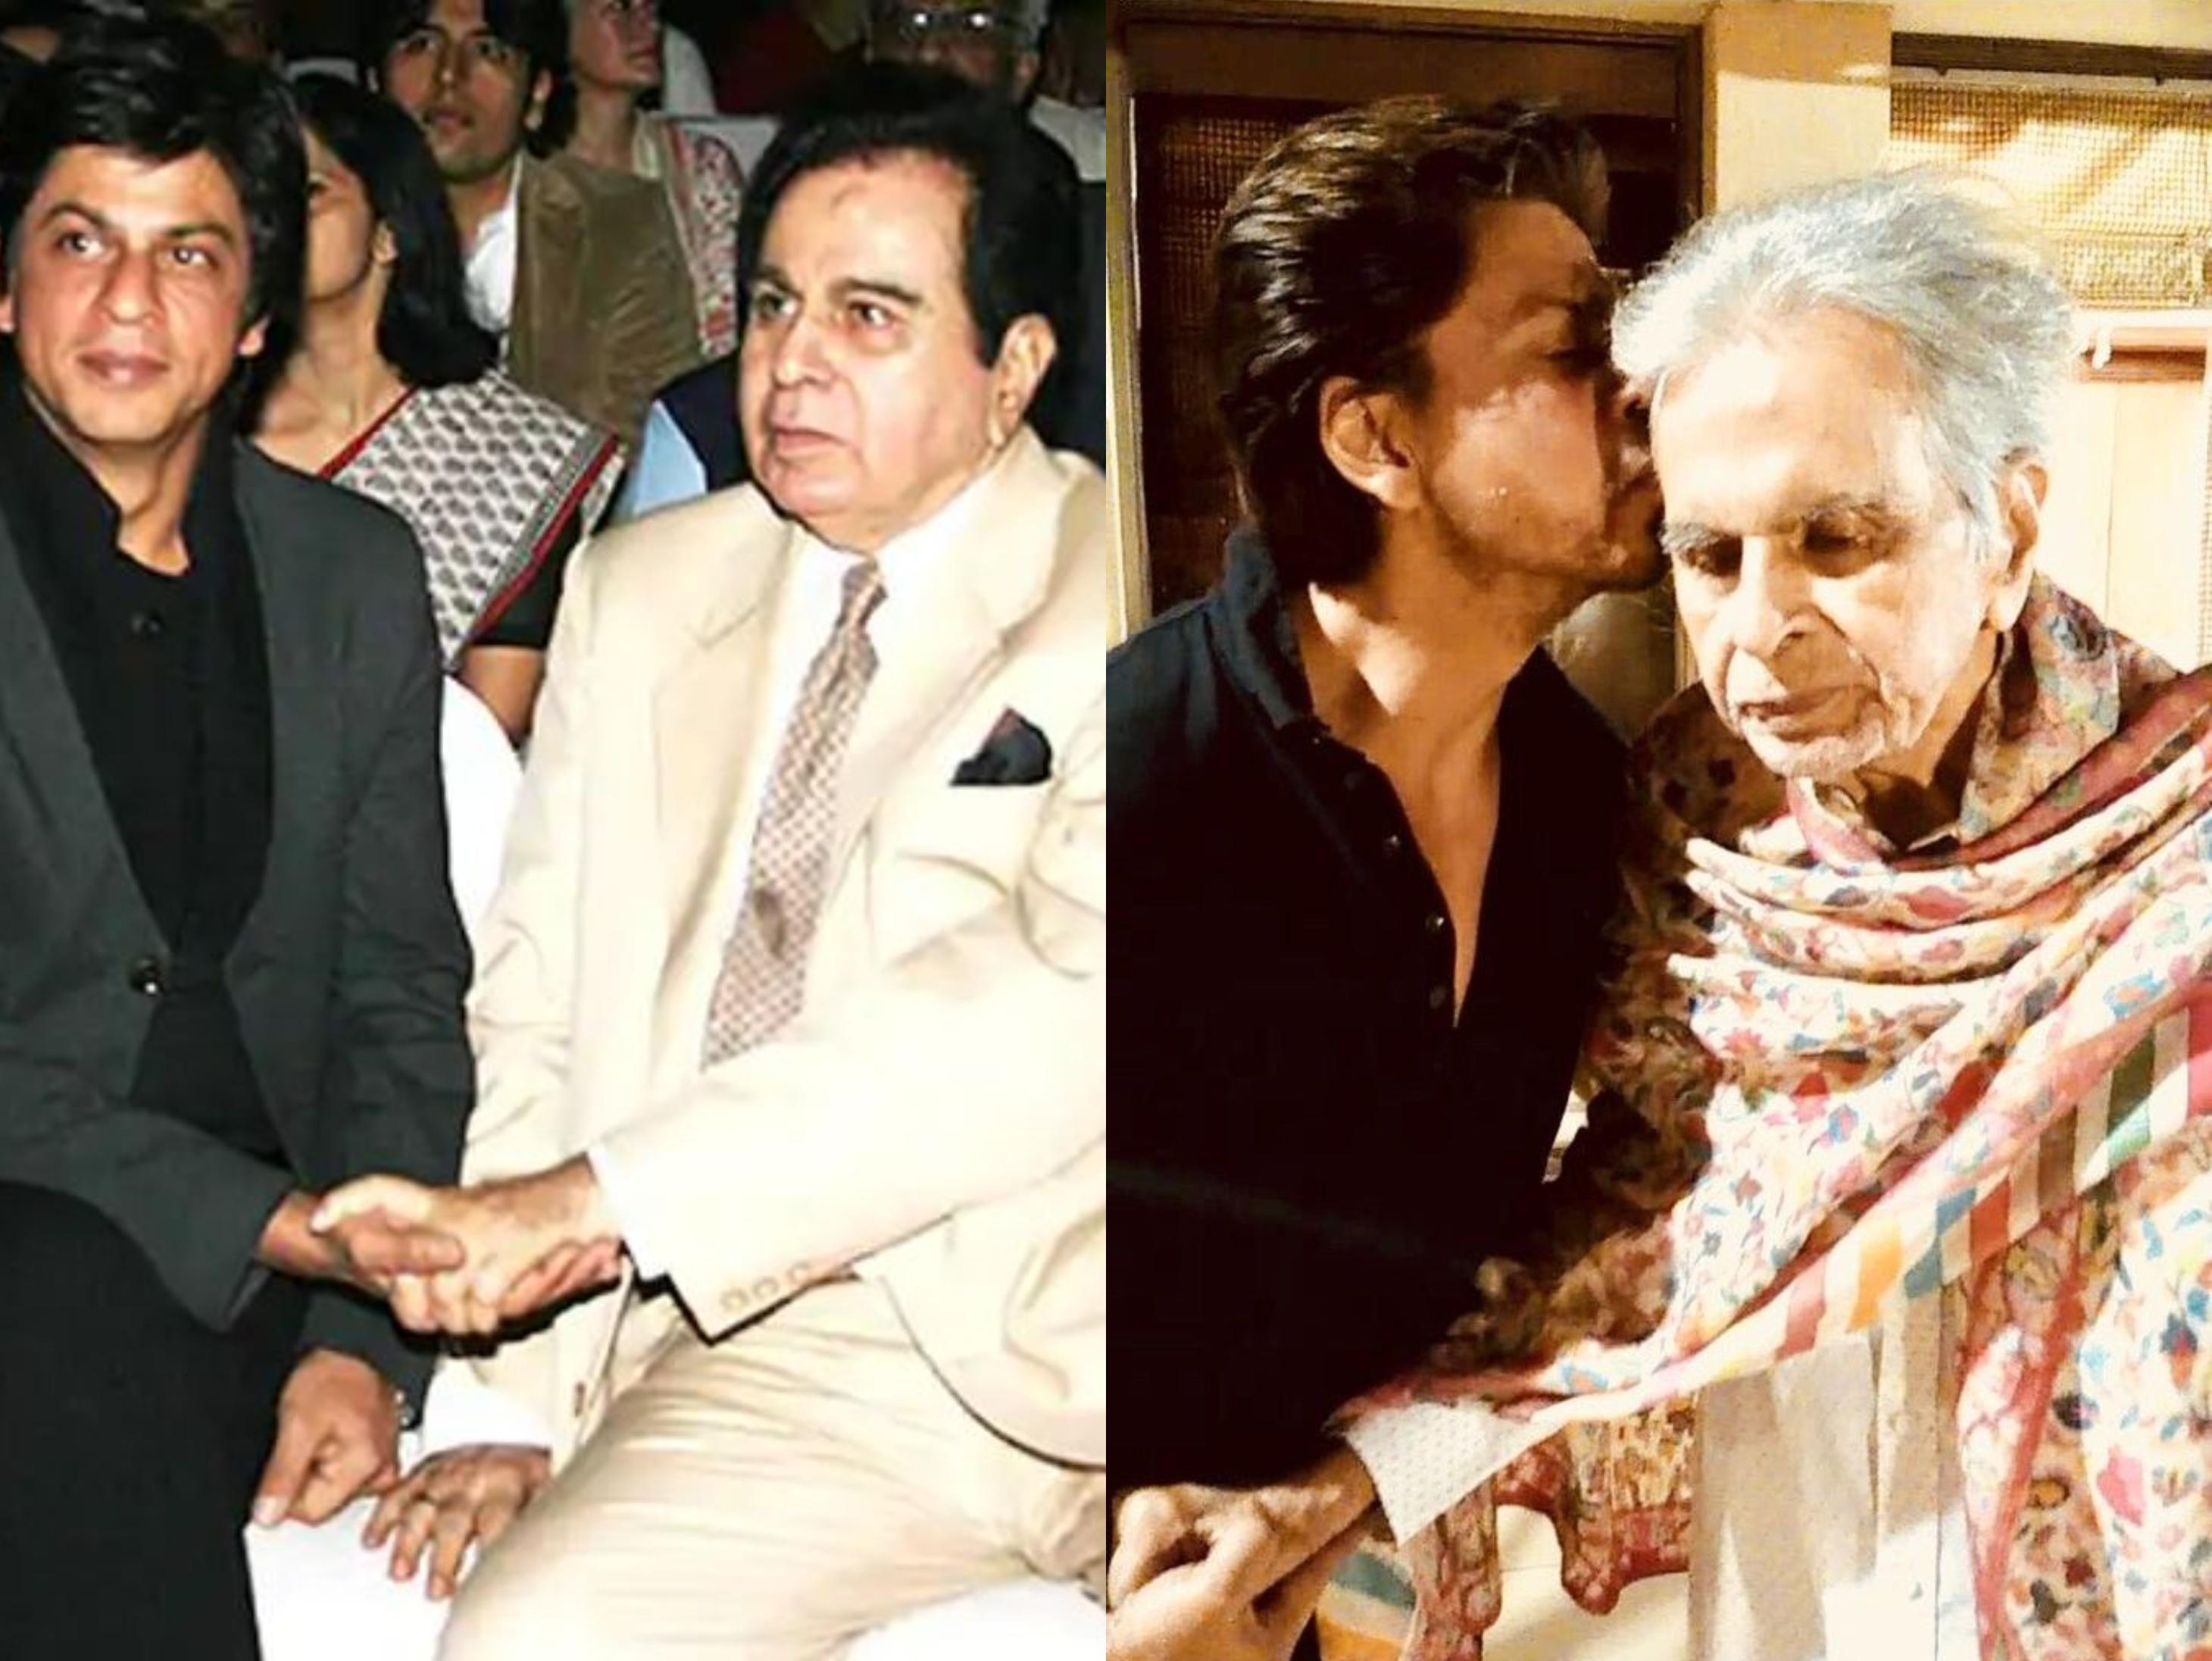 दिलीप-शाहरुख की पहली मुलाकात 'दिल आशना है' फिल्म के मुहूर्त पर हुई थी। सायरा बानो मानती हैं कि शाहरुख और दिलीप कुमार कई मायनों में एक जैसे हैं। - Dainik Bhaskar